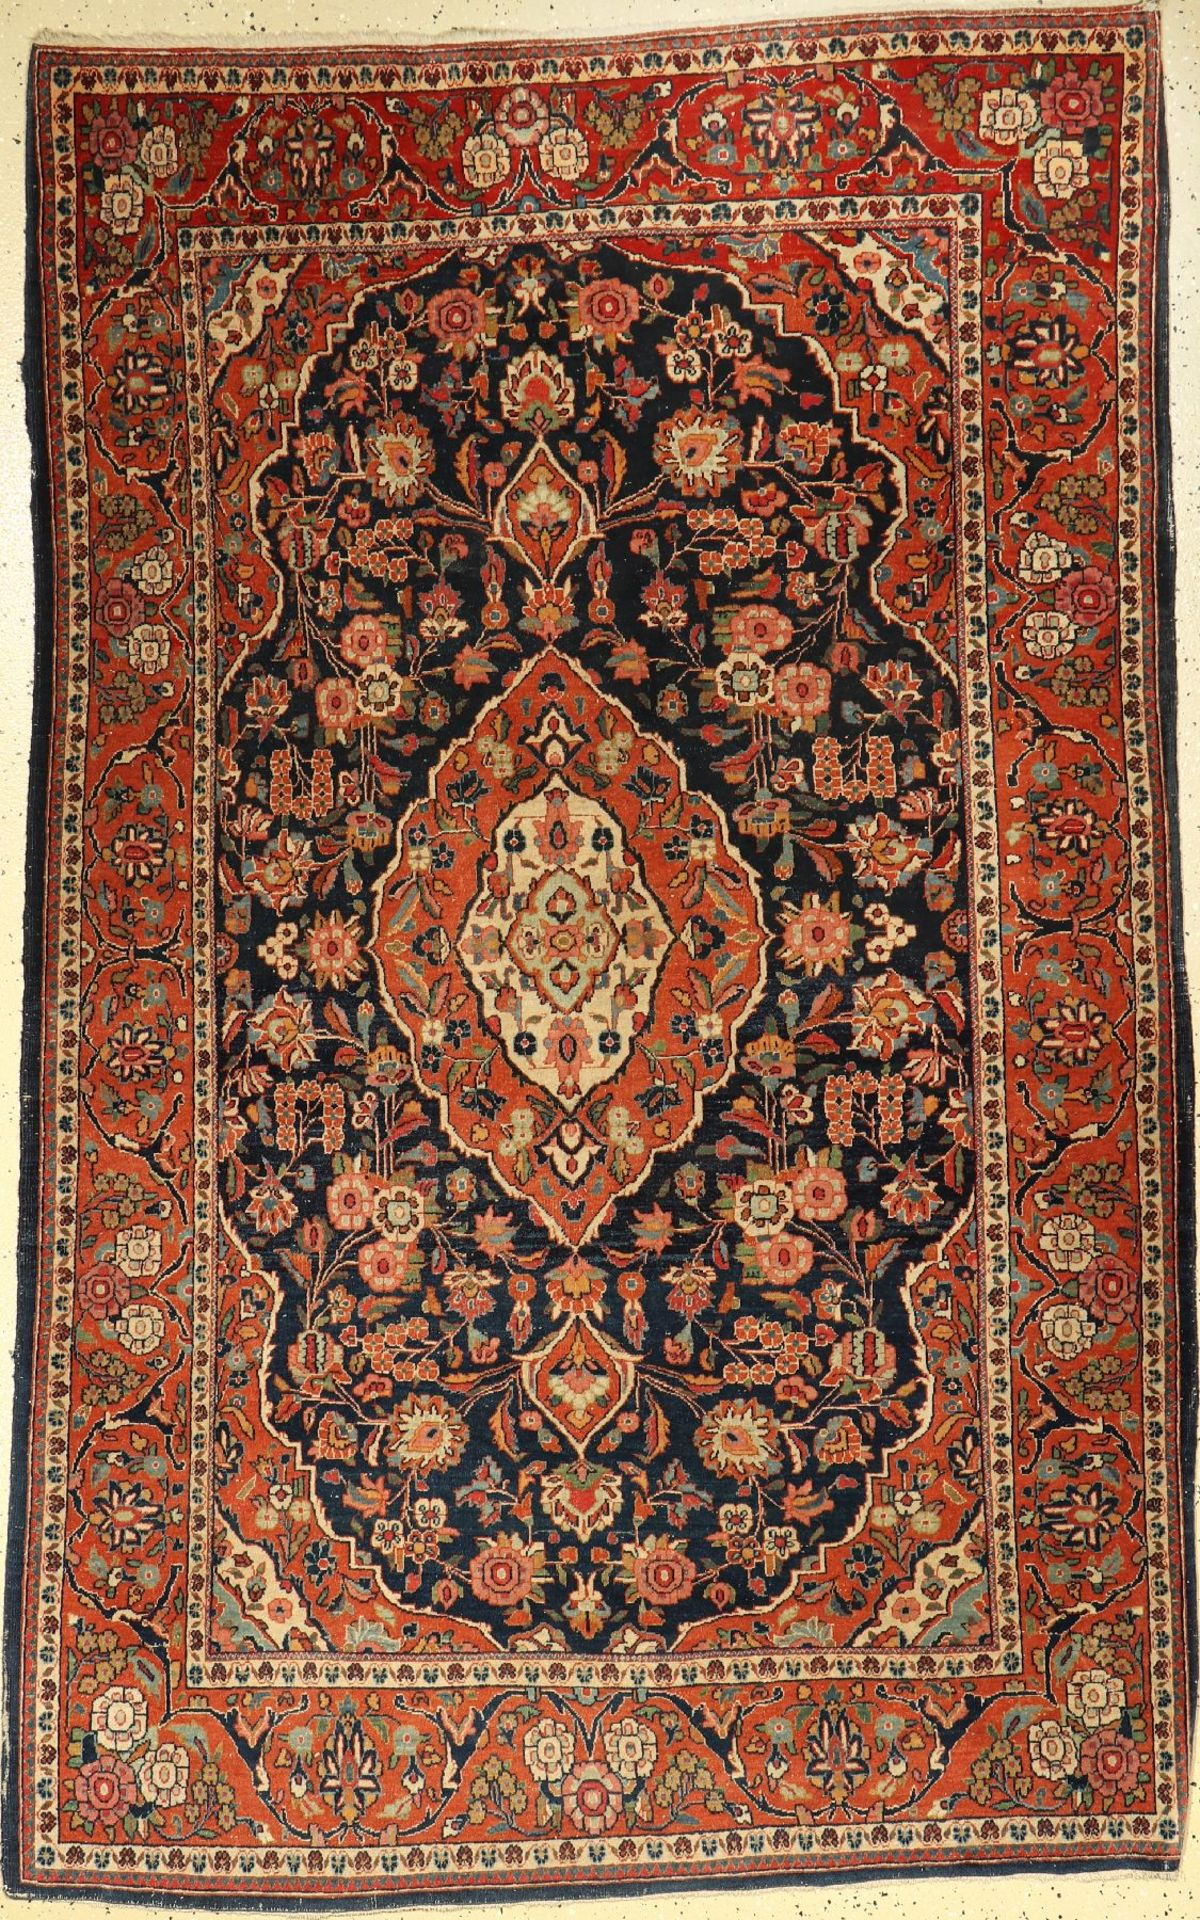 Keschan alt, Persien, um 1920, Wolle auf Baumwolle, ca. 210 x 135 cm, EHZ: 3